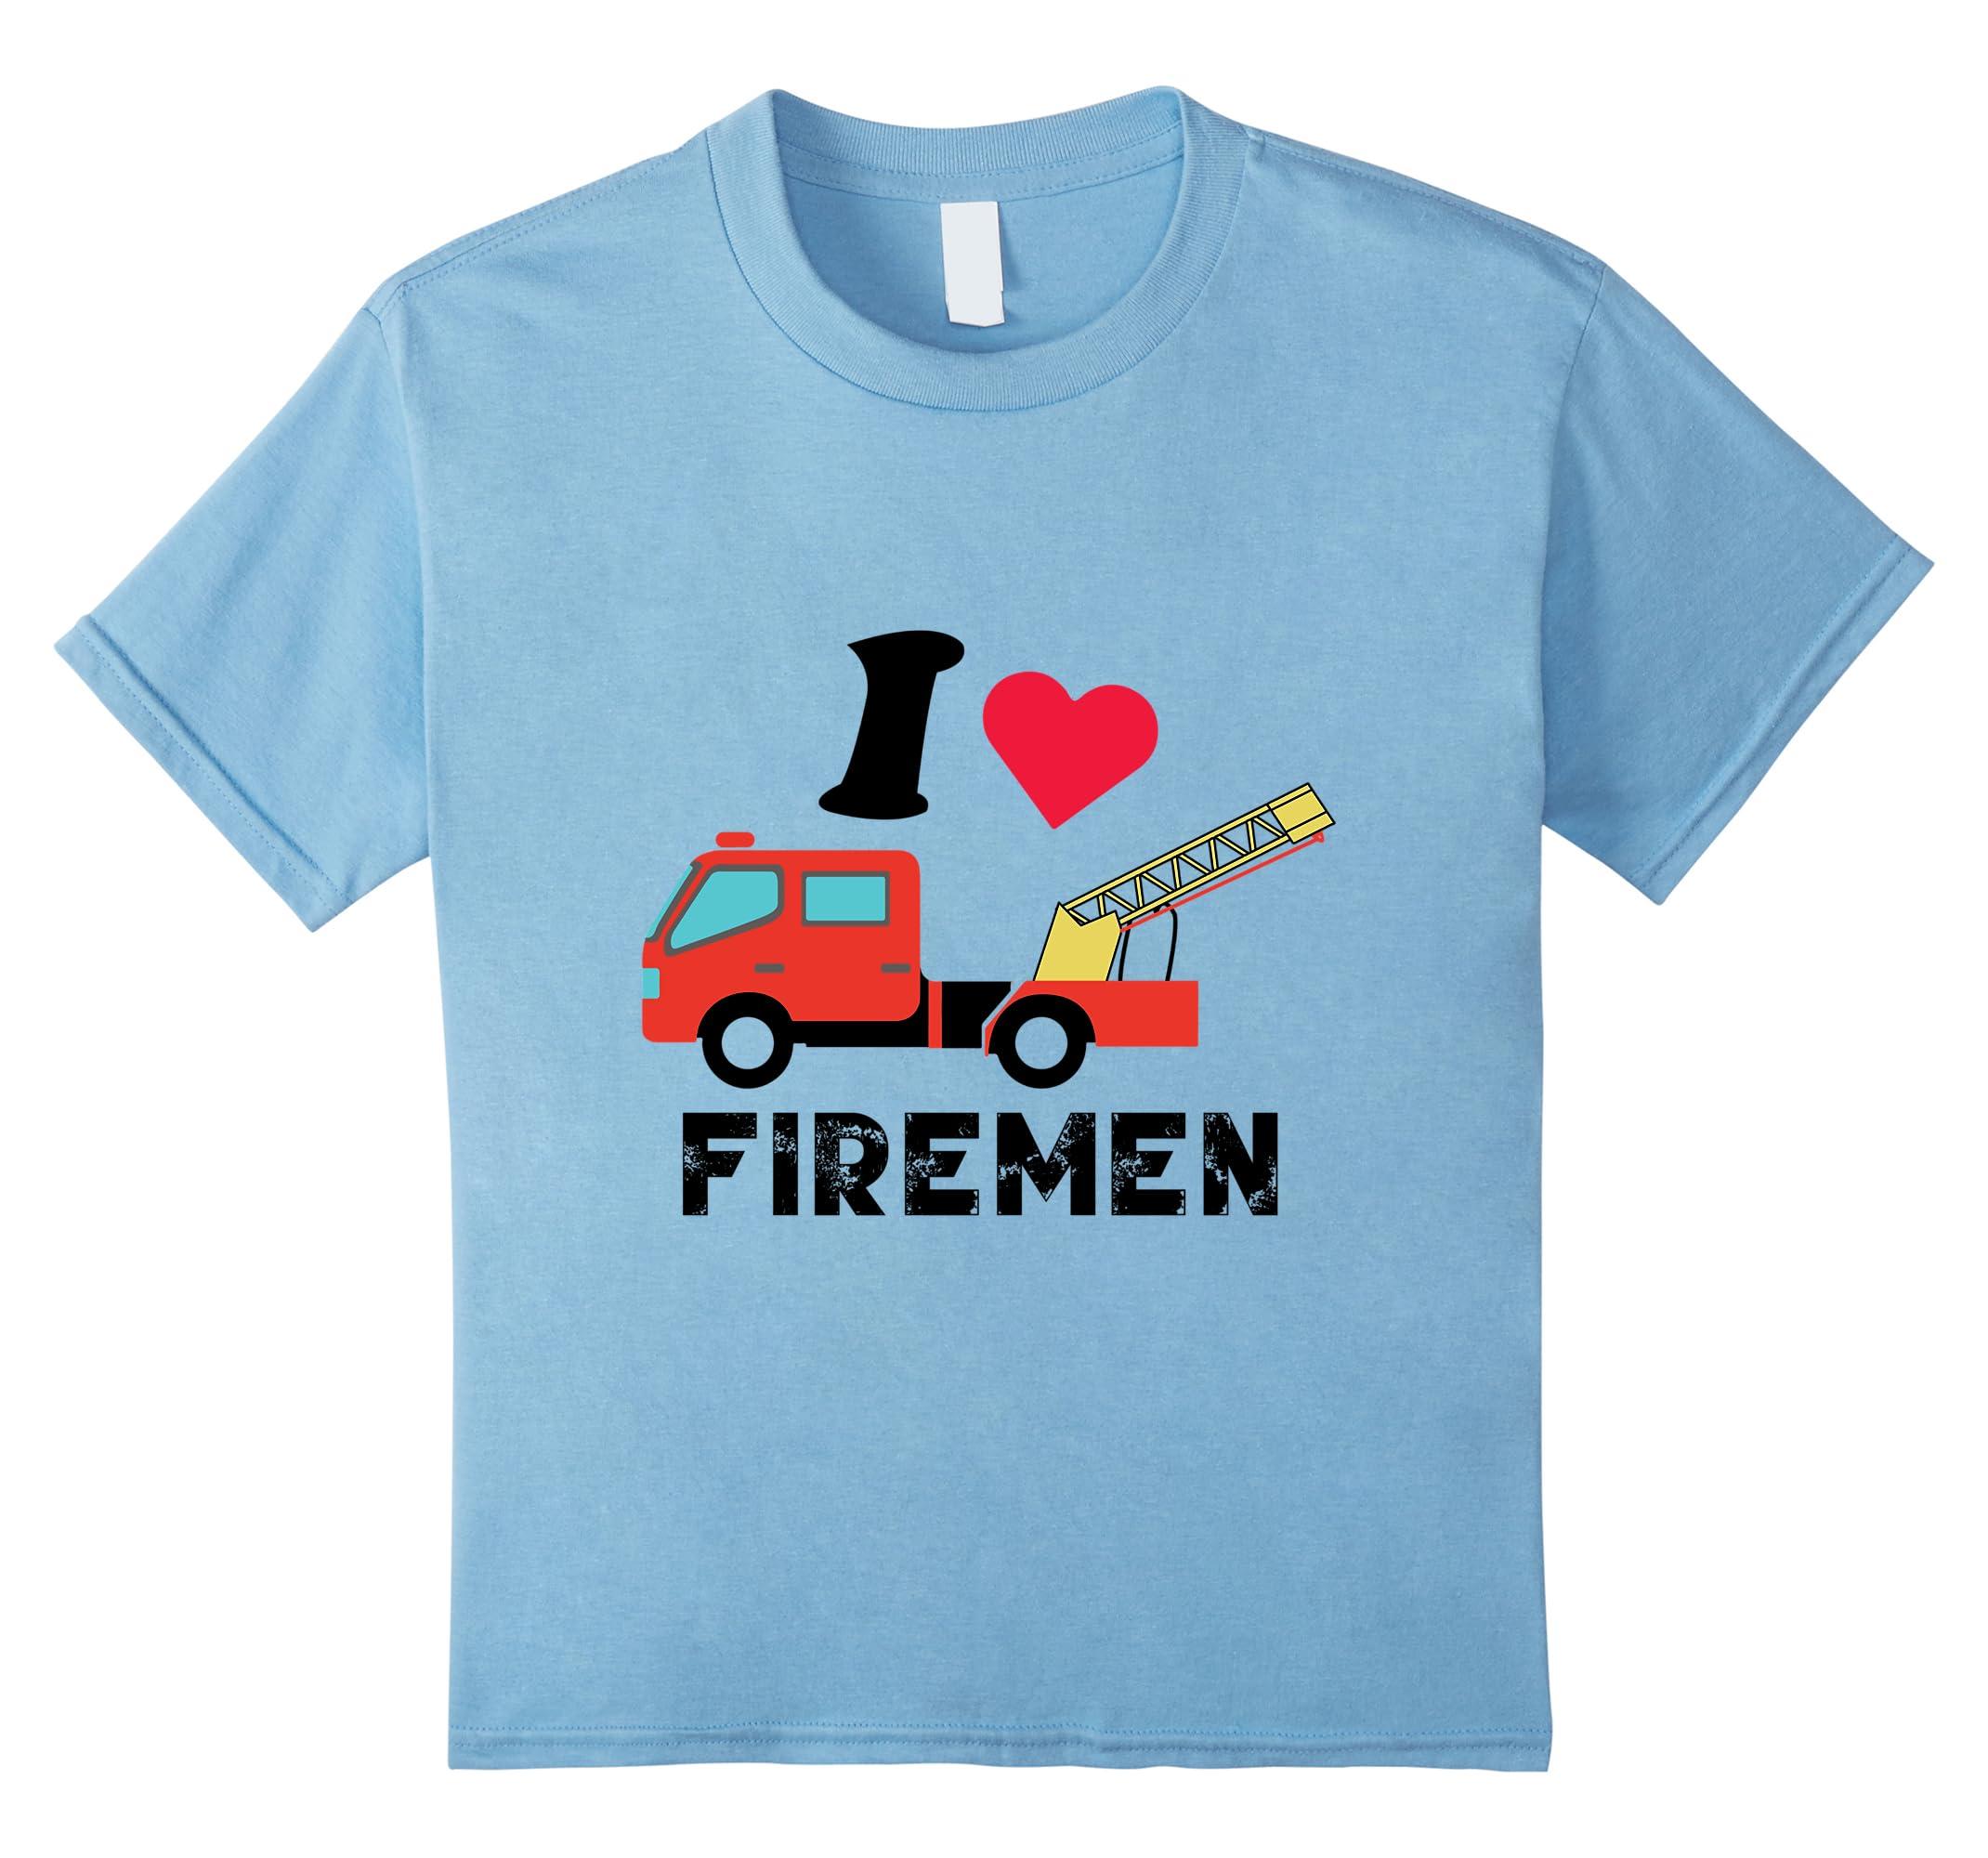 Love Firemen T Shirt Firefighter Shirt-Tovacu